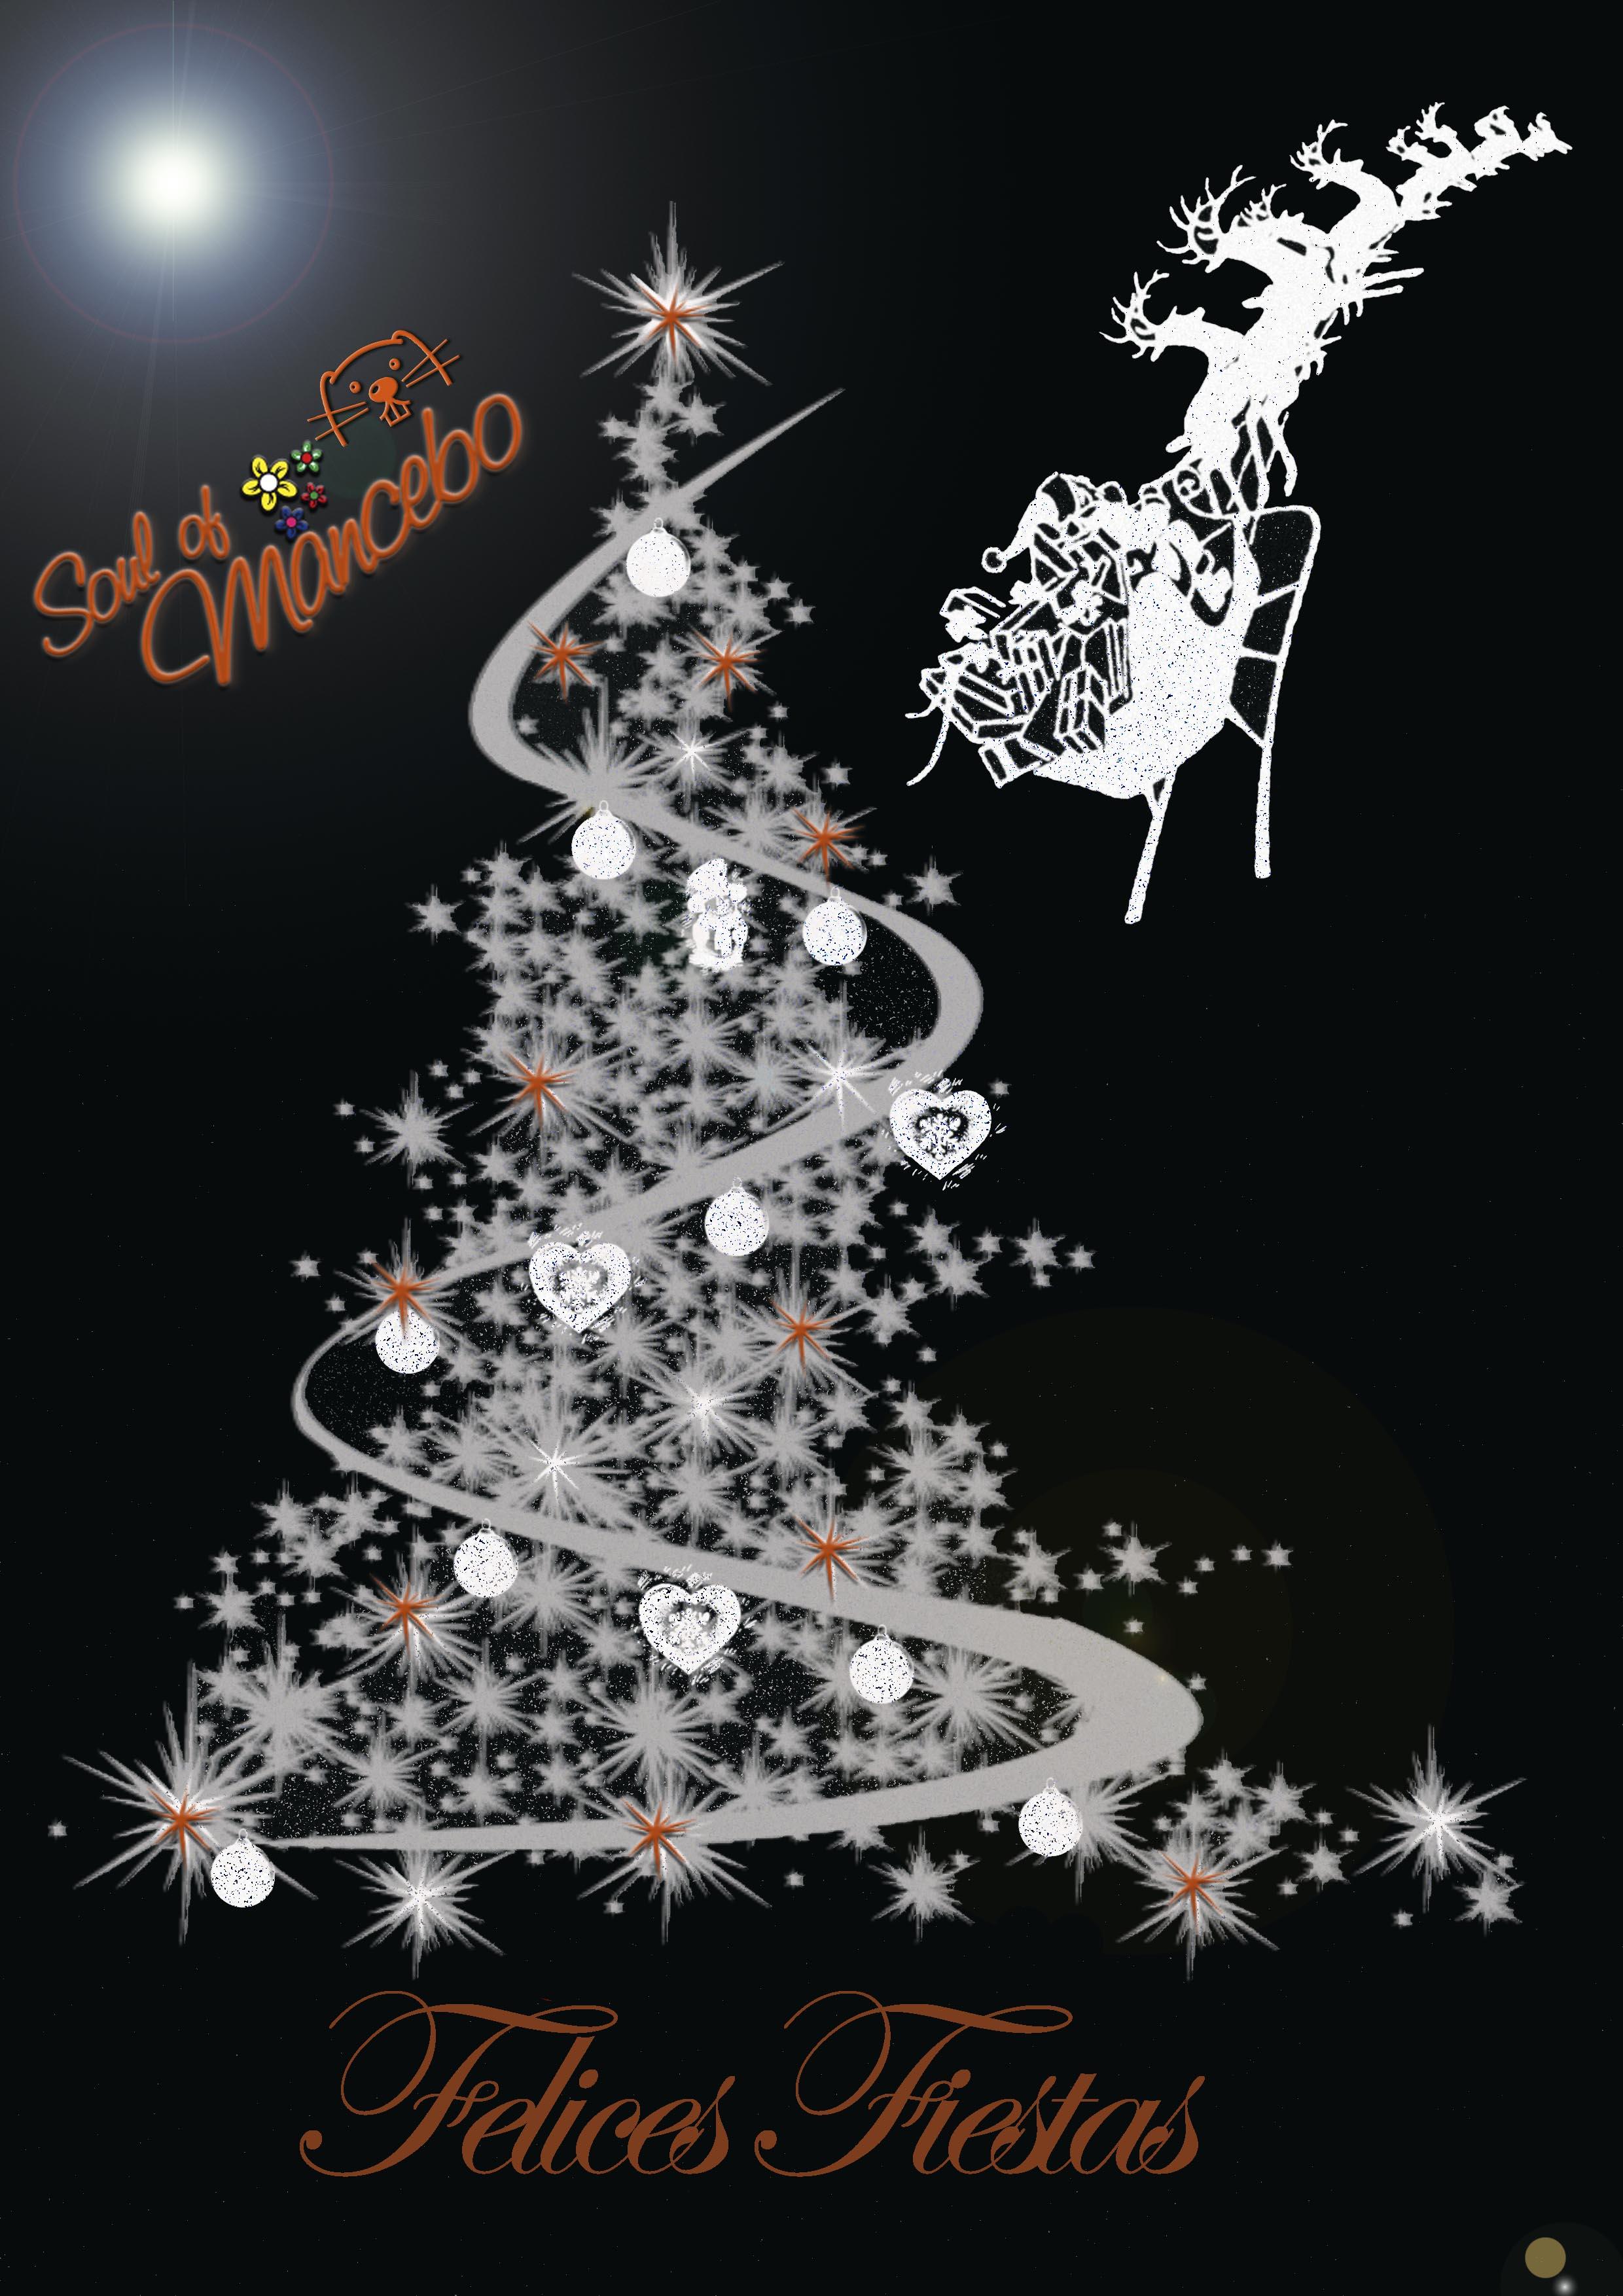 Desde el equipo de Soul Of Mancebo queremos felicitaros la navidad! Deseamos que tod@s disfrutéis de estas fiestas y os deseamos lo mejor para este nuevo año!! Ven a vernos y disfruta comprando!!